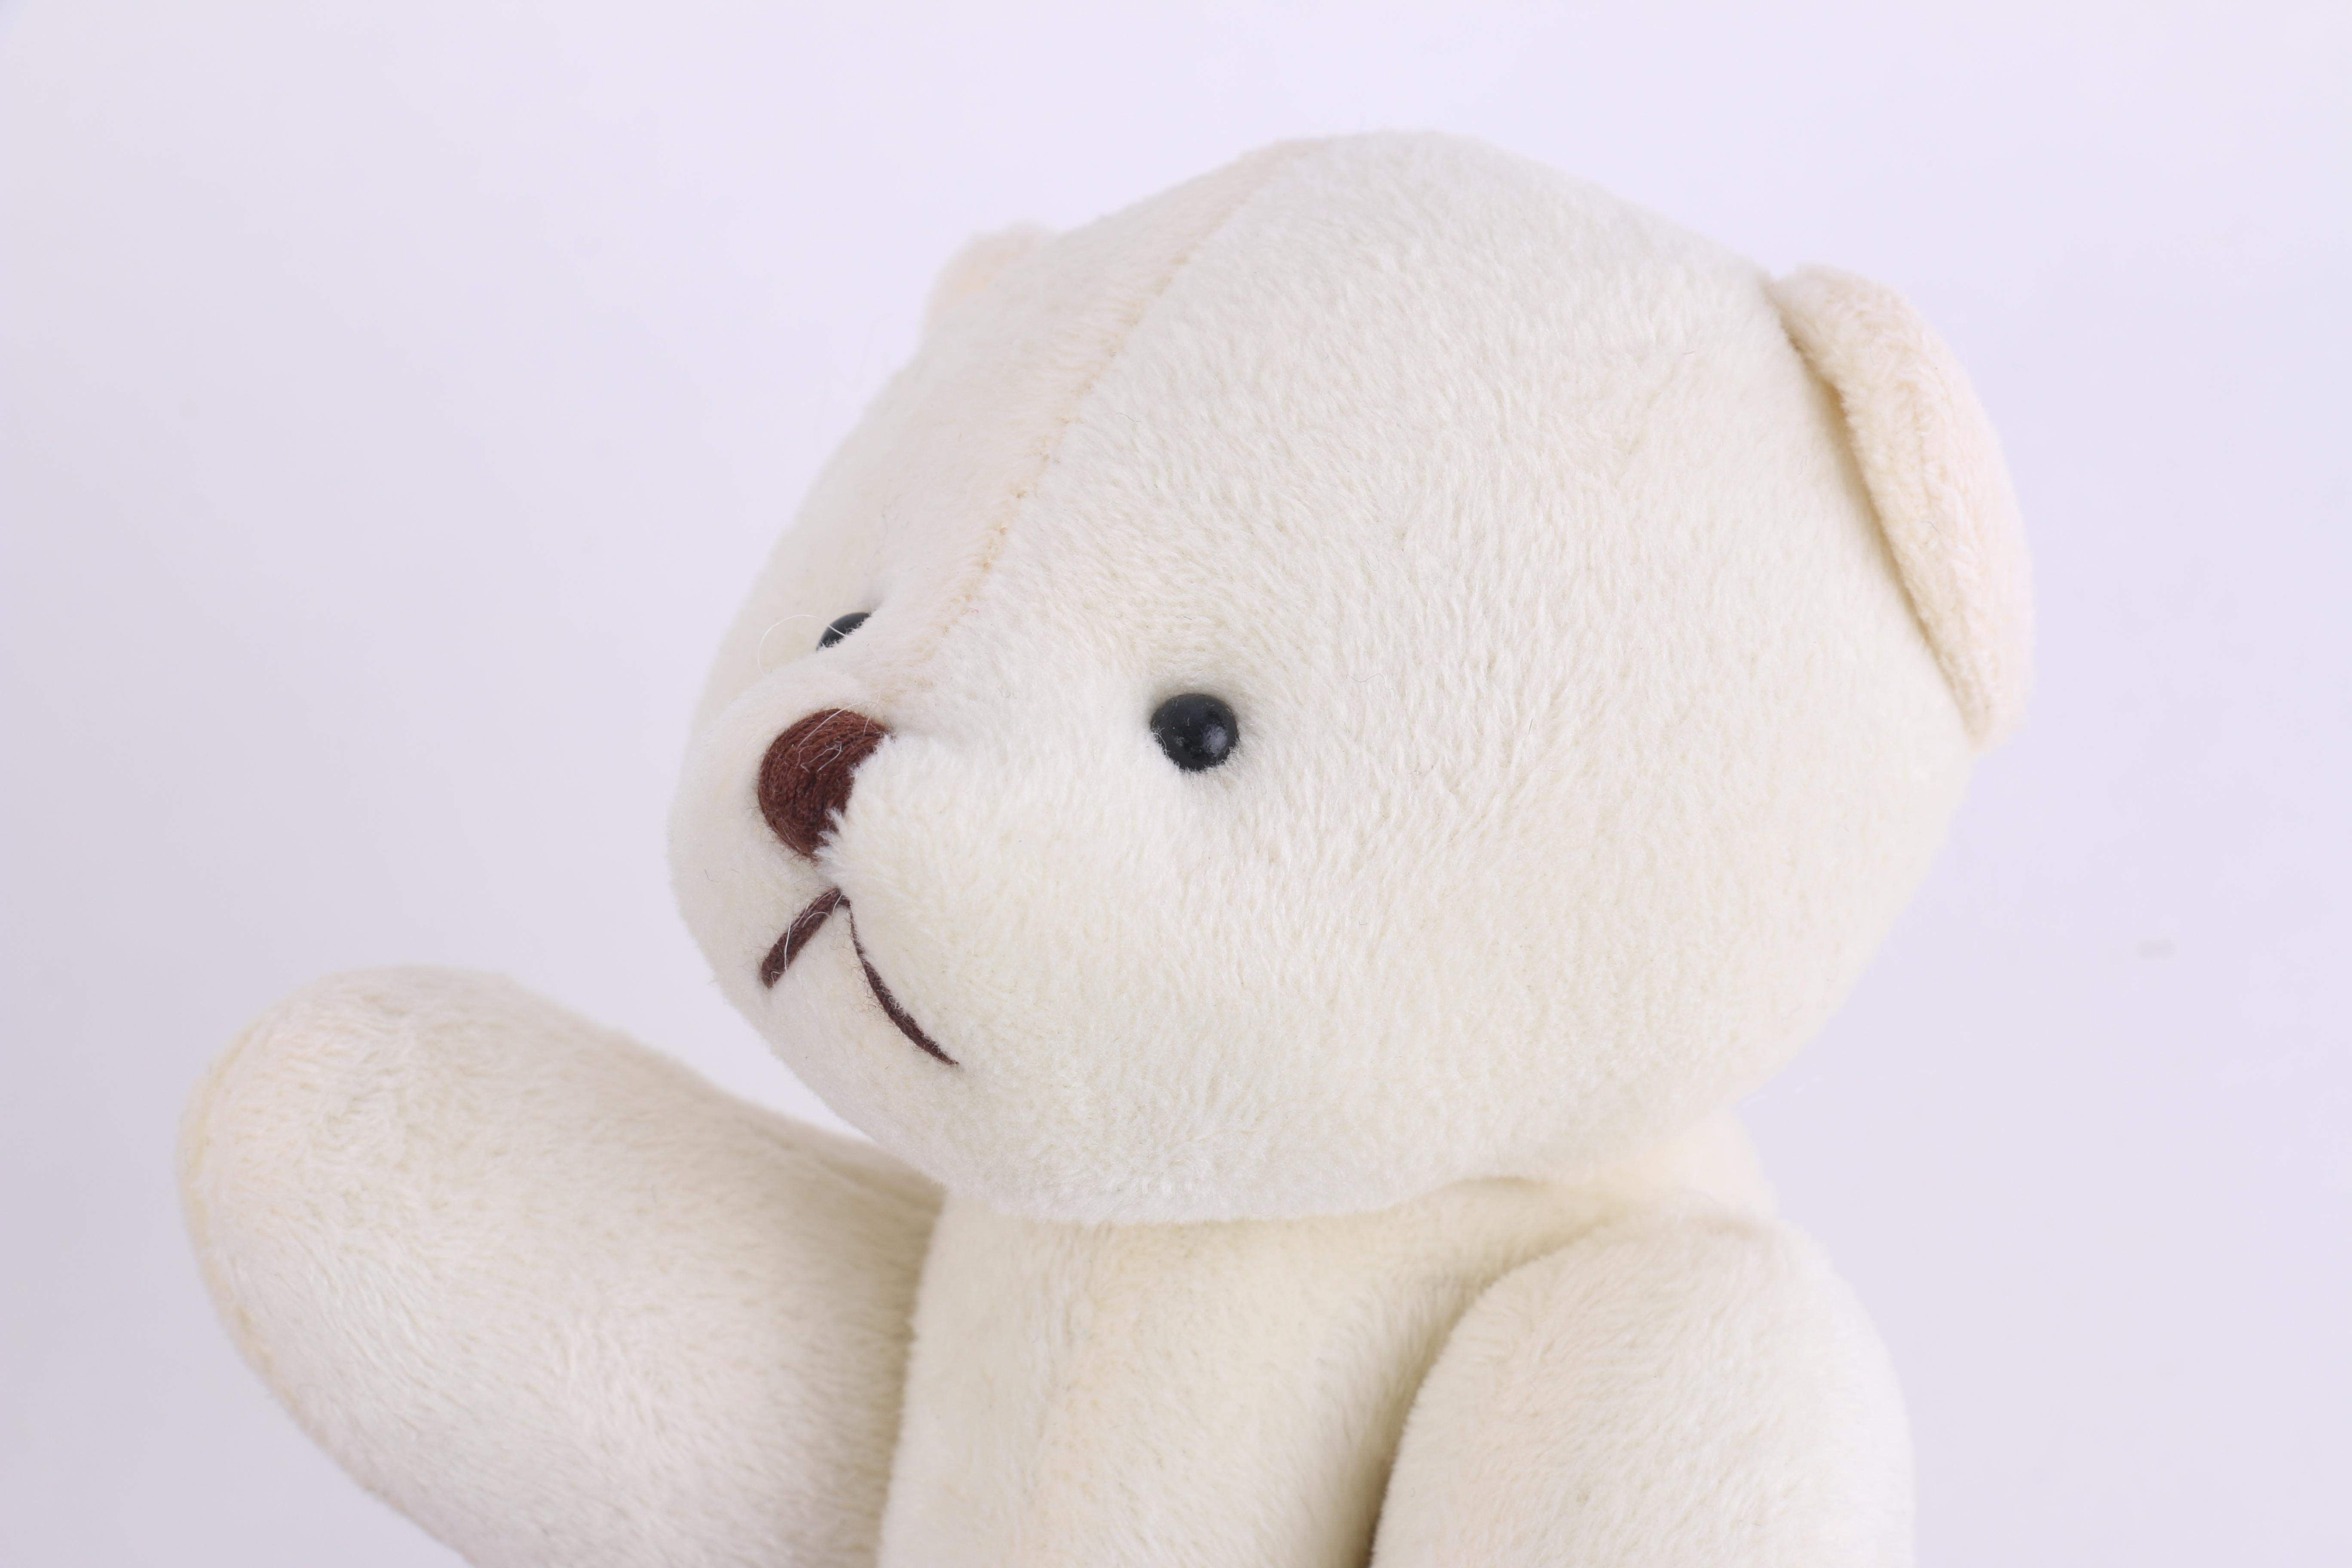 Fotos gratis : blanco, juguete, material, oso de peluche, textil ...